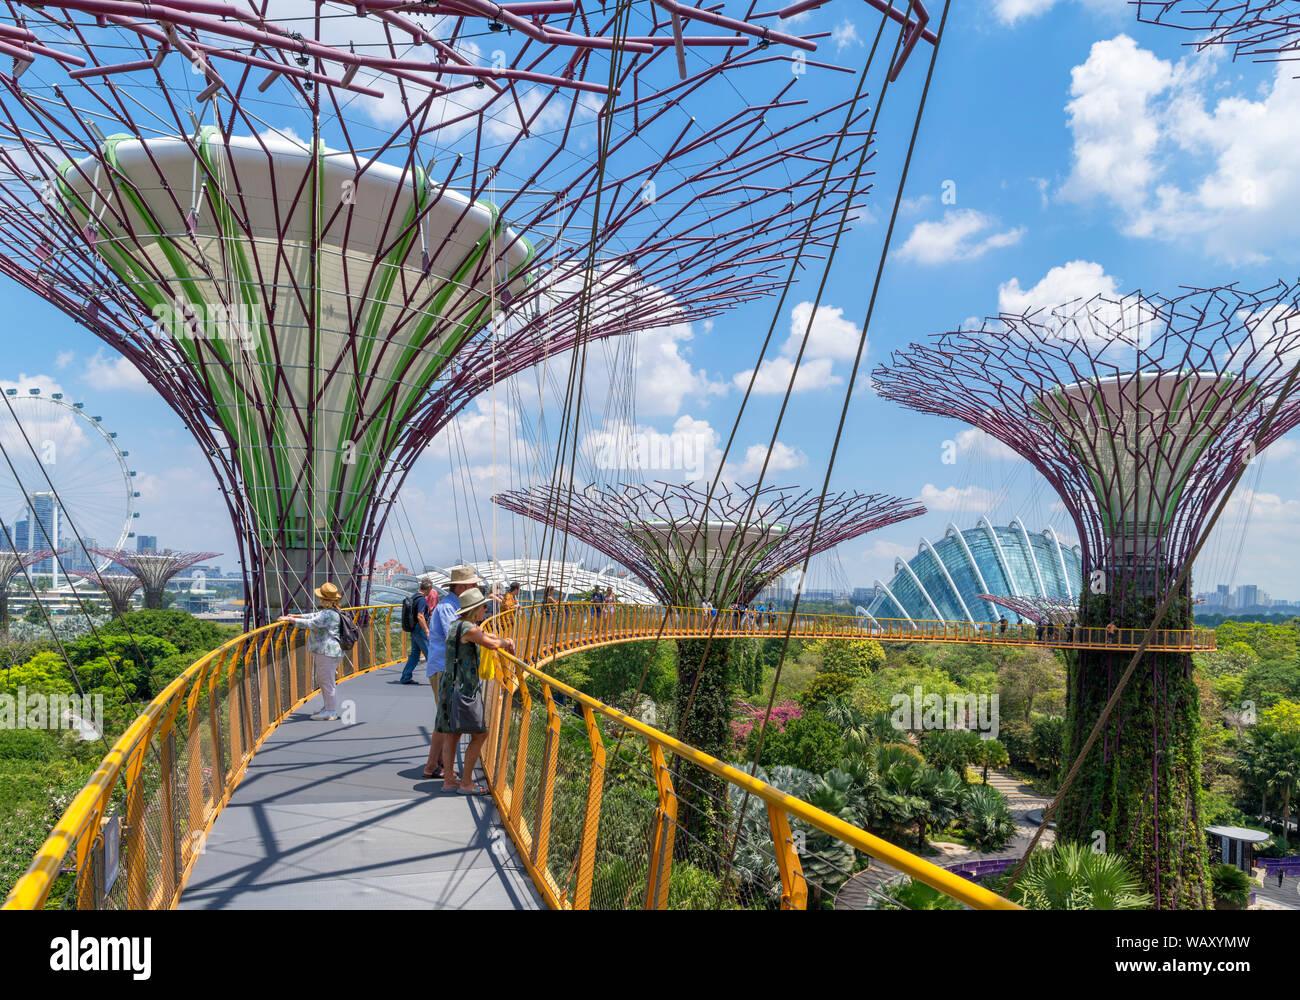 La OCBC Skyway, una passerella aerea nel Supertree Grove, giardini dalla baia, città di Singapore, Singapore Foto Stock